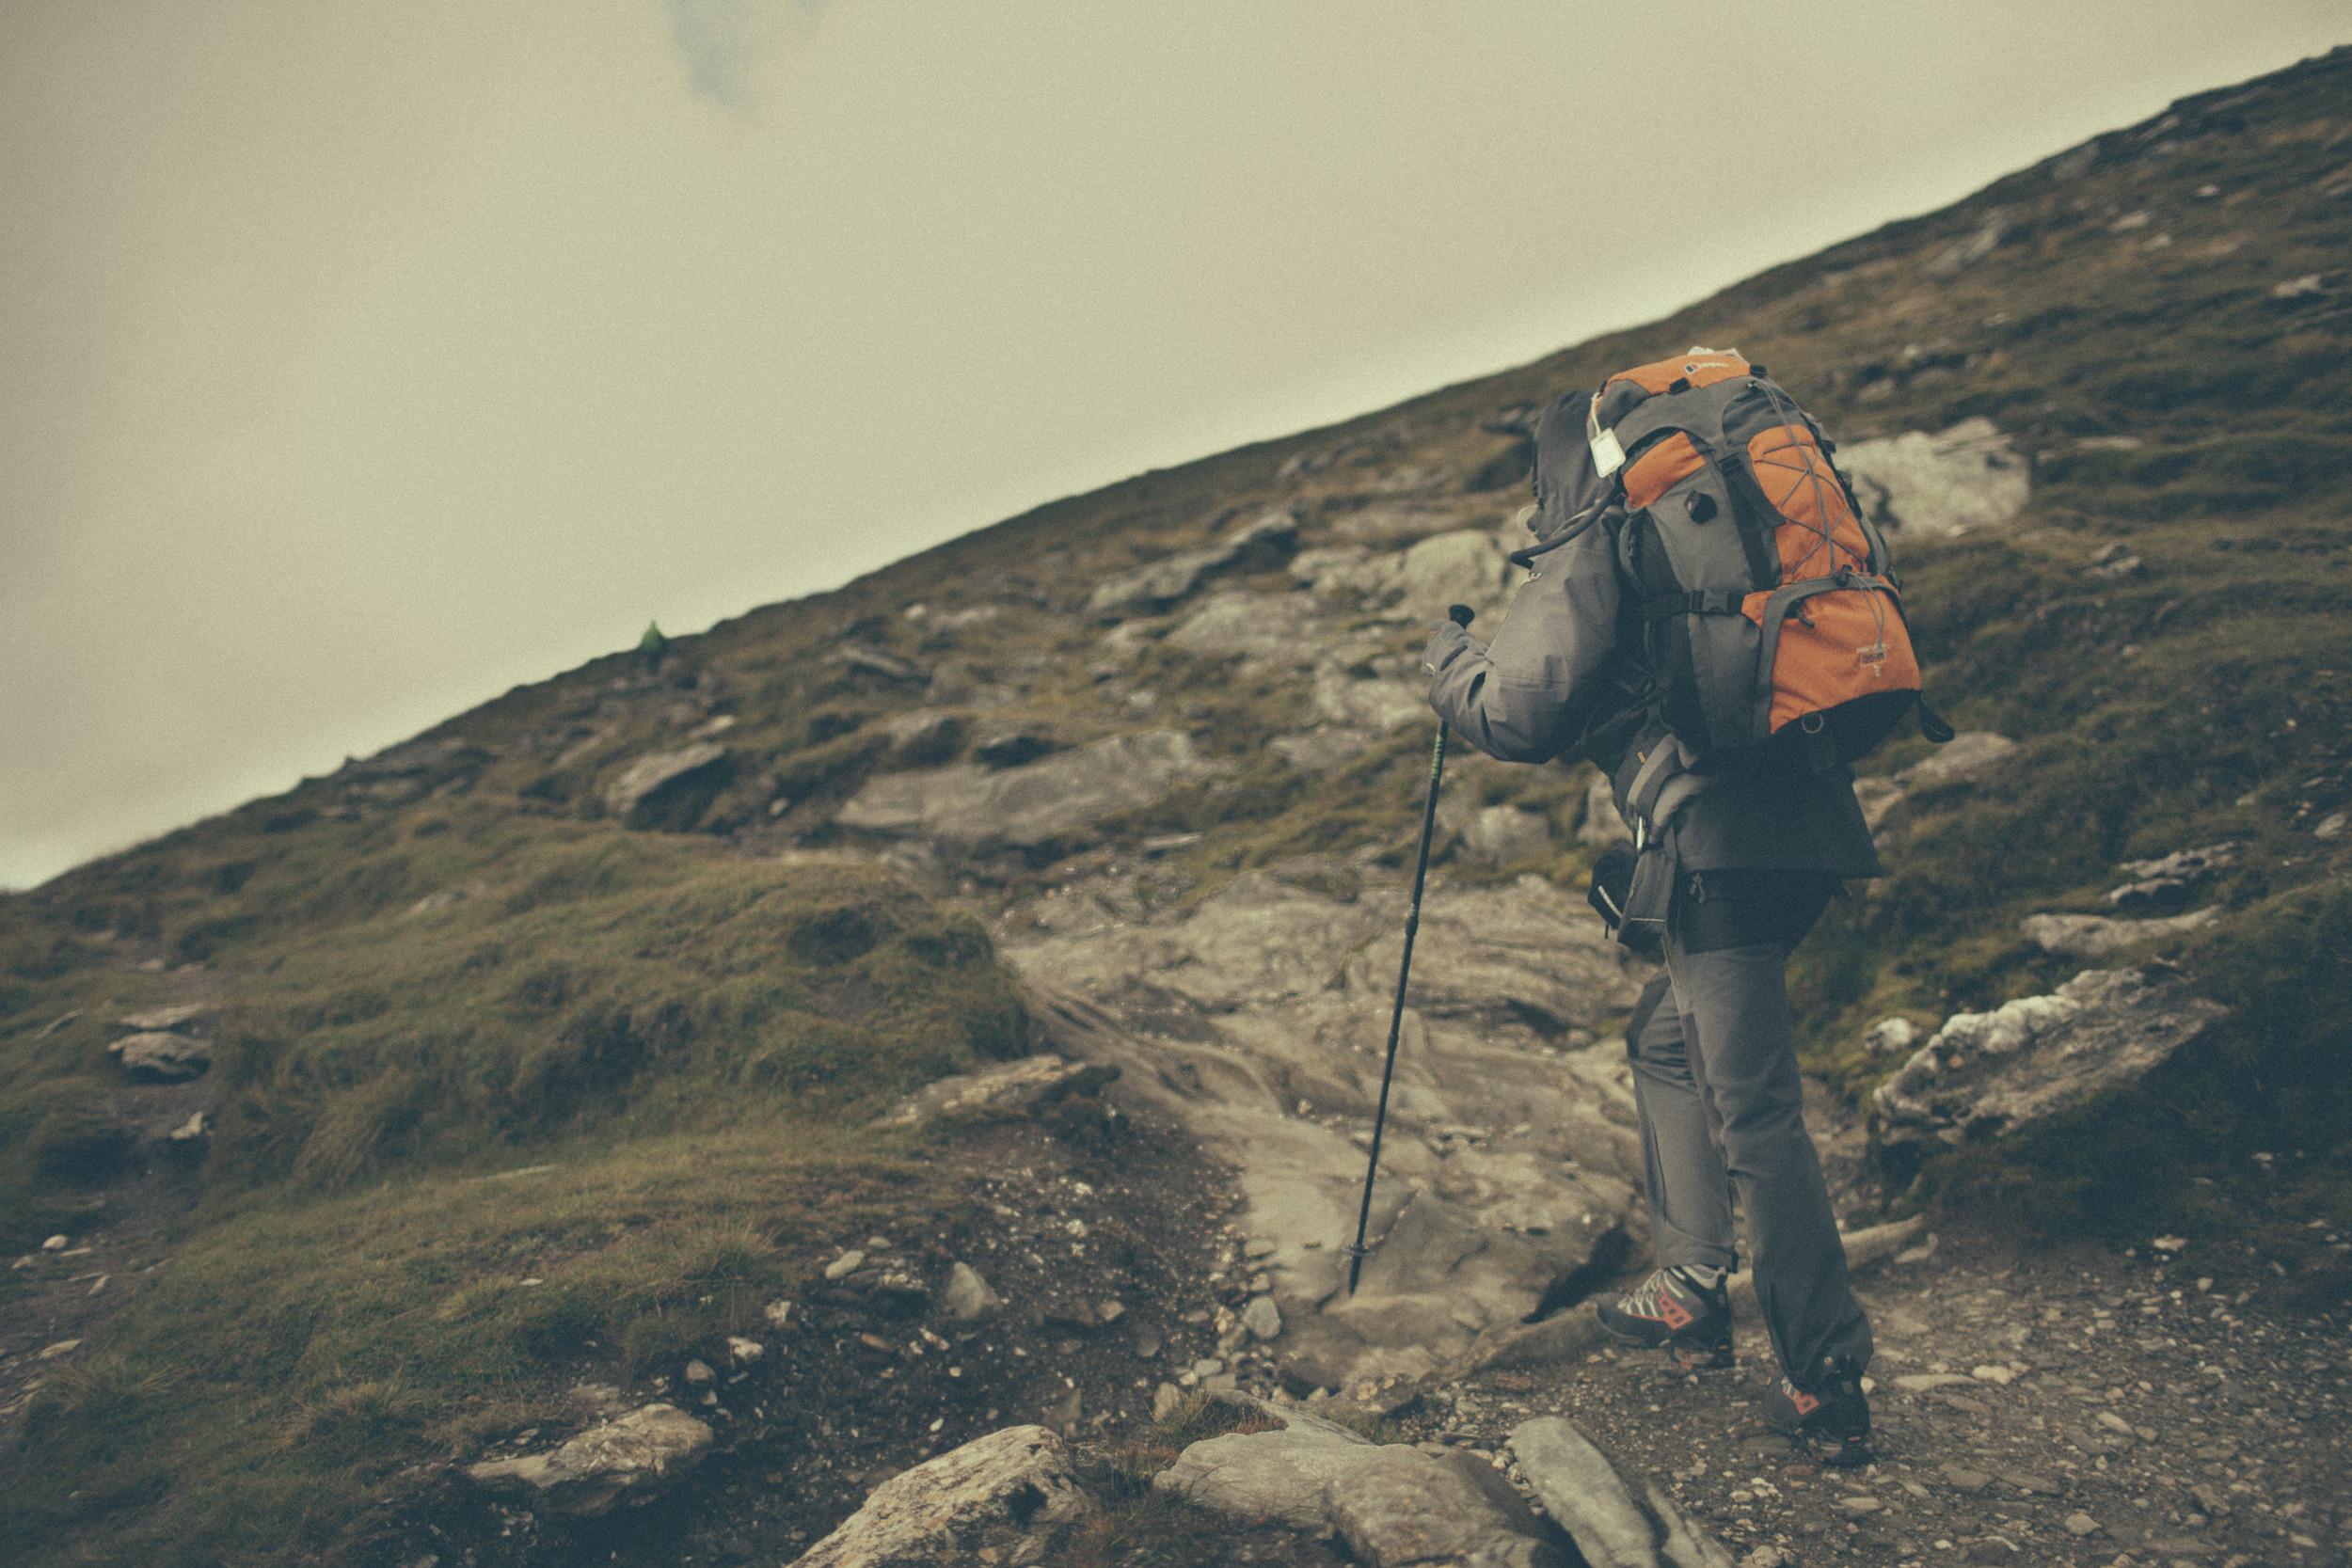 Ben Lomond Ascent